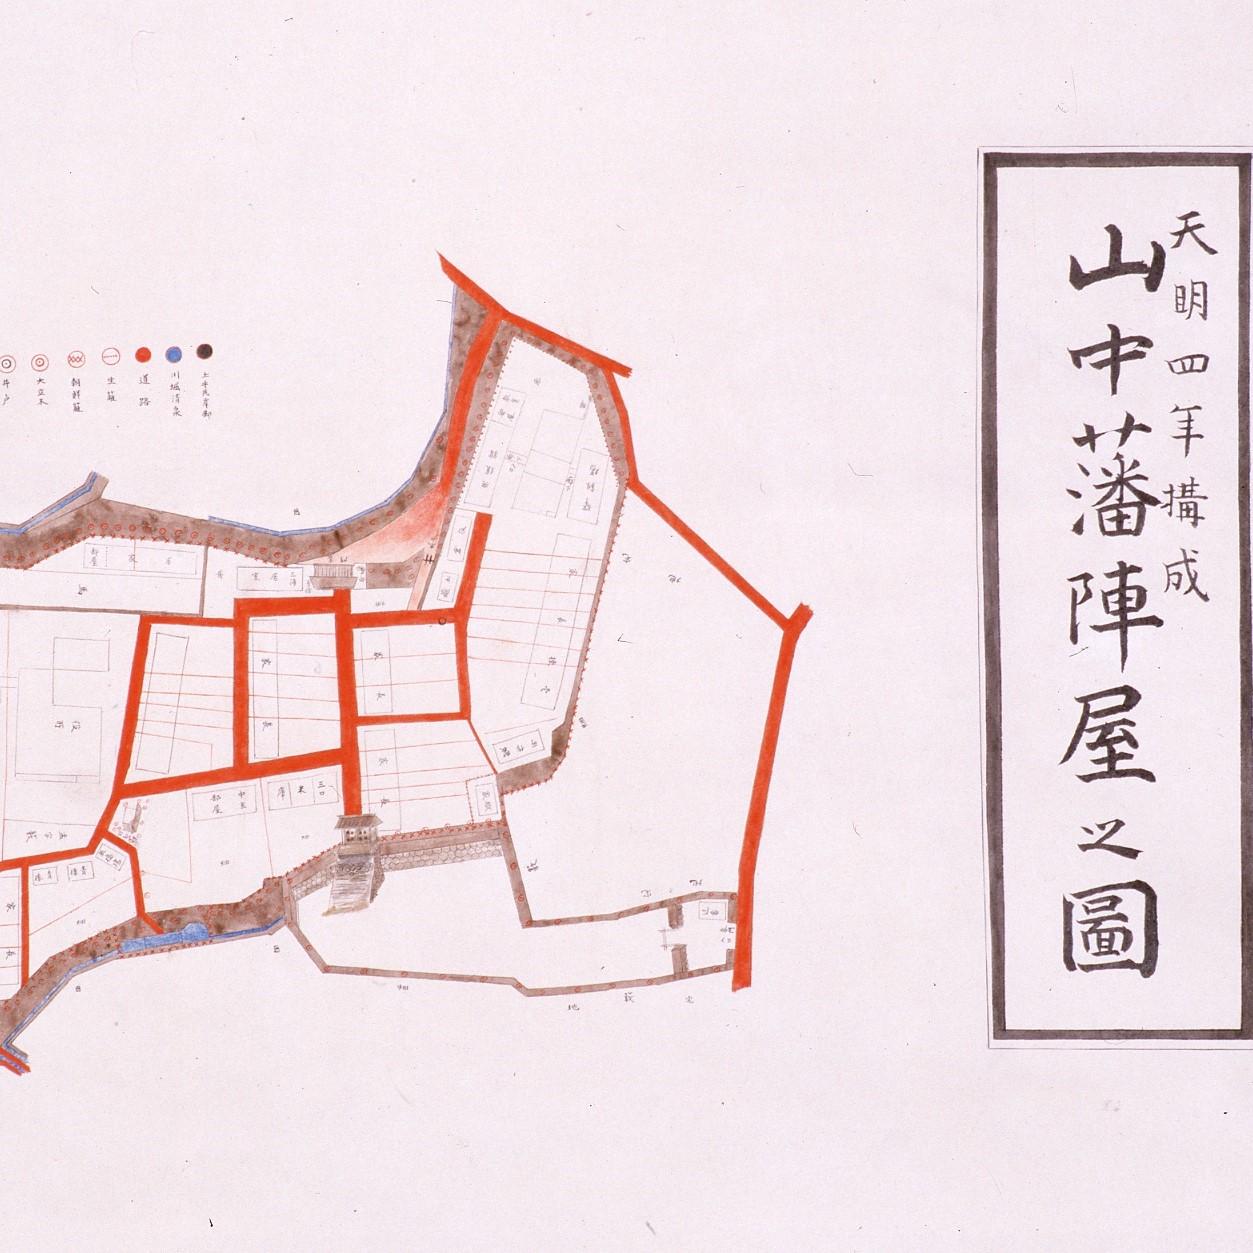 今月の逸品(10月)のご紹介 山中藩陣屋之図(やまなかはんじんやのず)